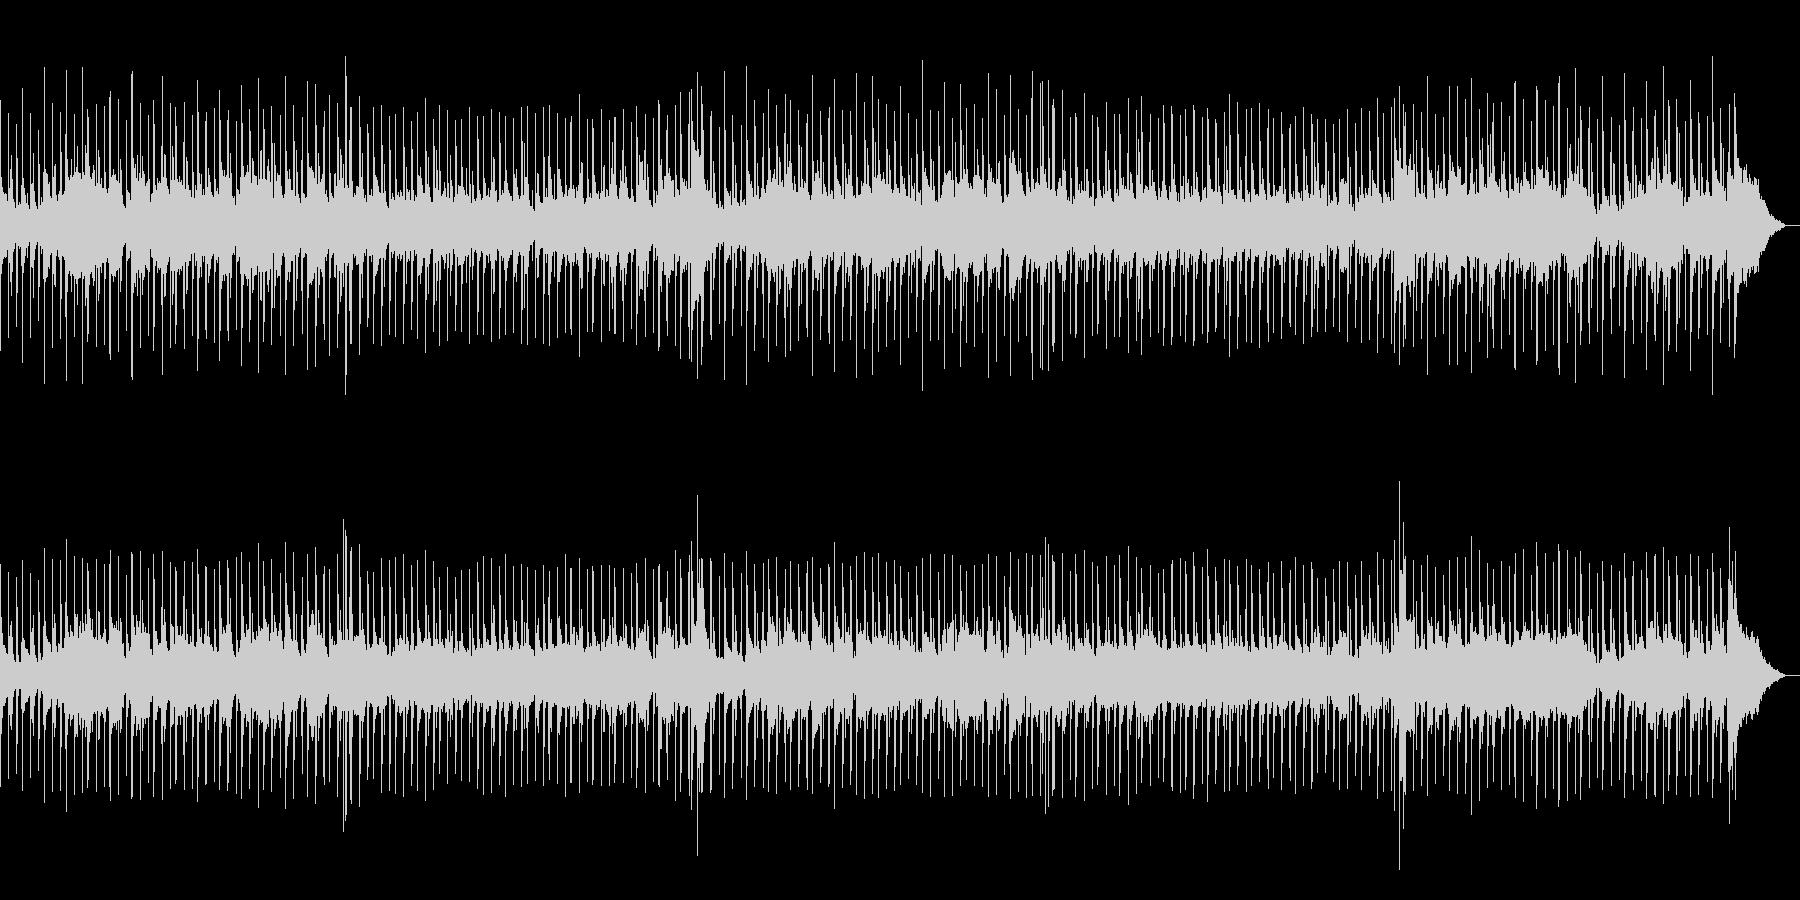 ムーディーな夜を演出するBGMの未再生の波形